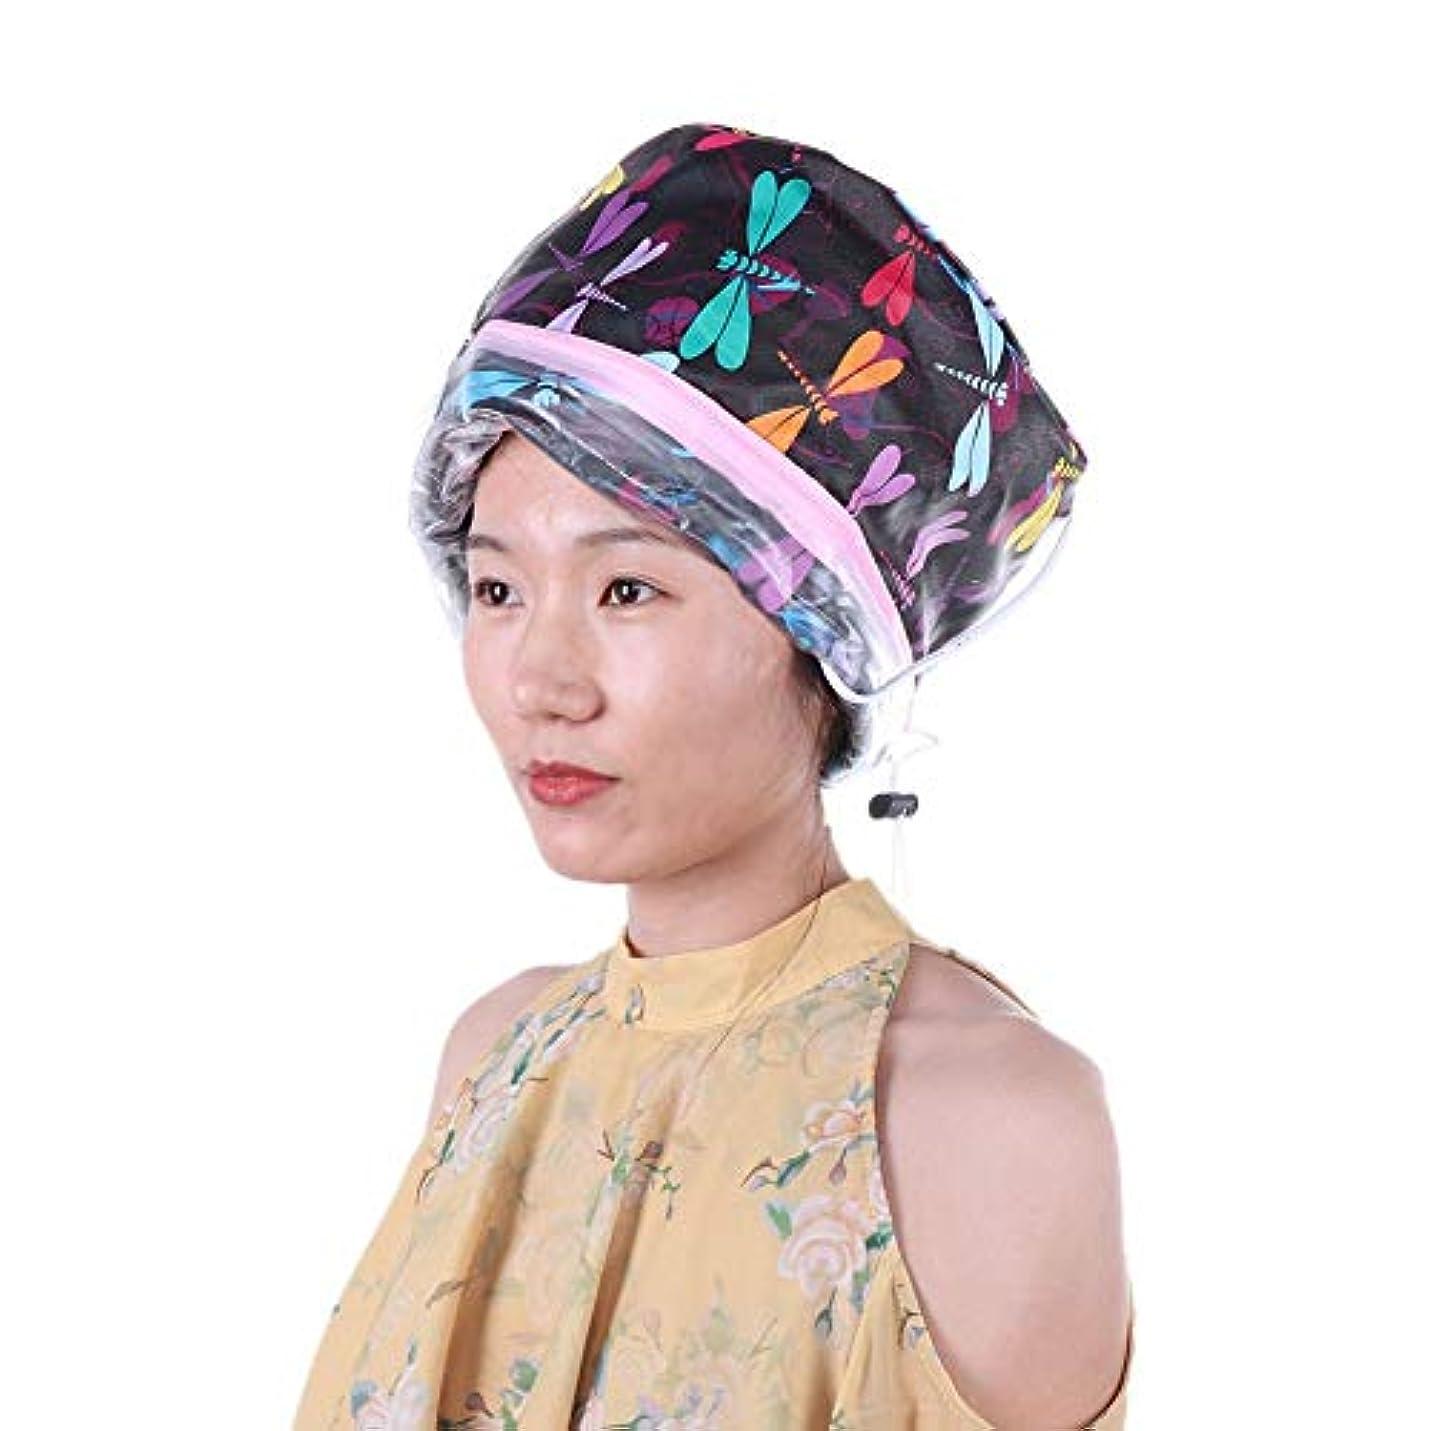 感情爆弾略す電気ヒーターキャップ、SPAヘアオイルトリートメントおよびファミリーパーソナルケア用の温度調節可能なディープコンディショニングヘアスチーマー、髪の毛先の改善および髪の損傷の修復(1)